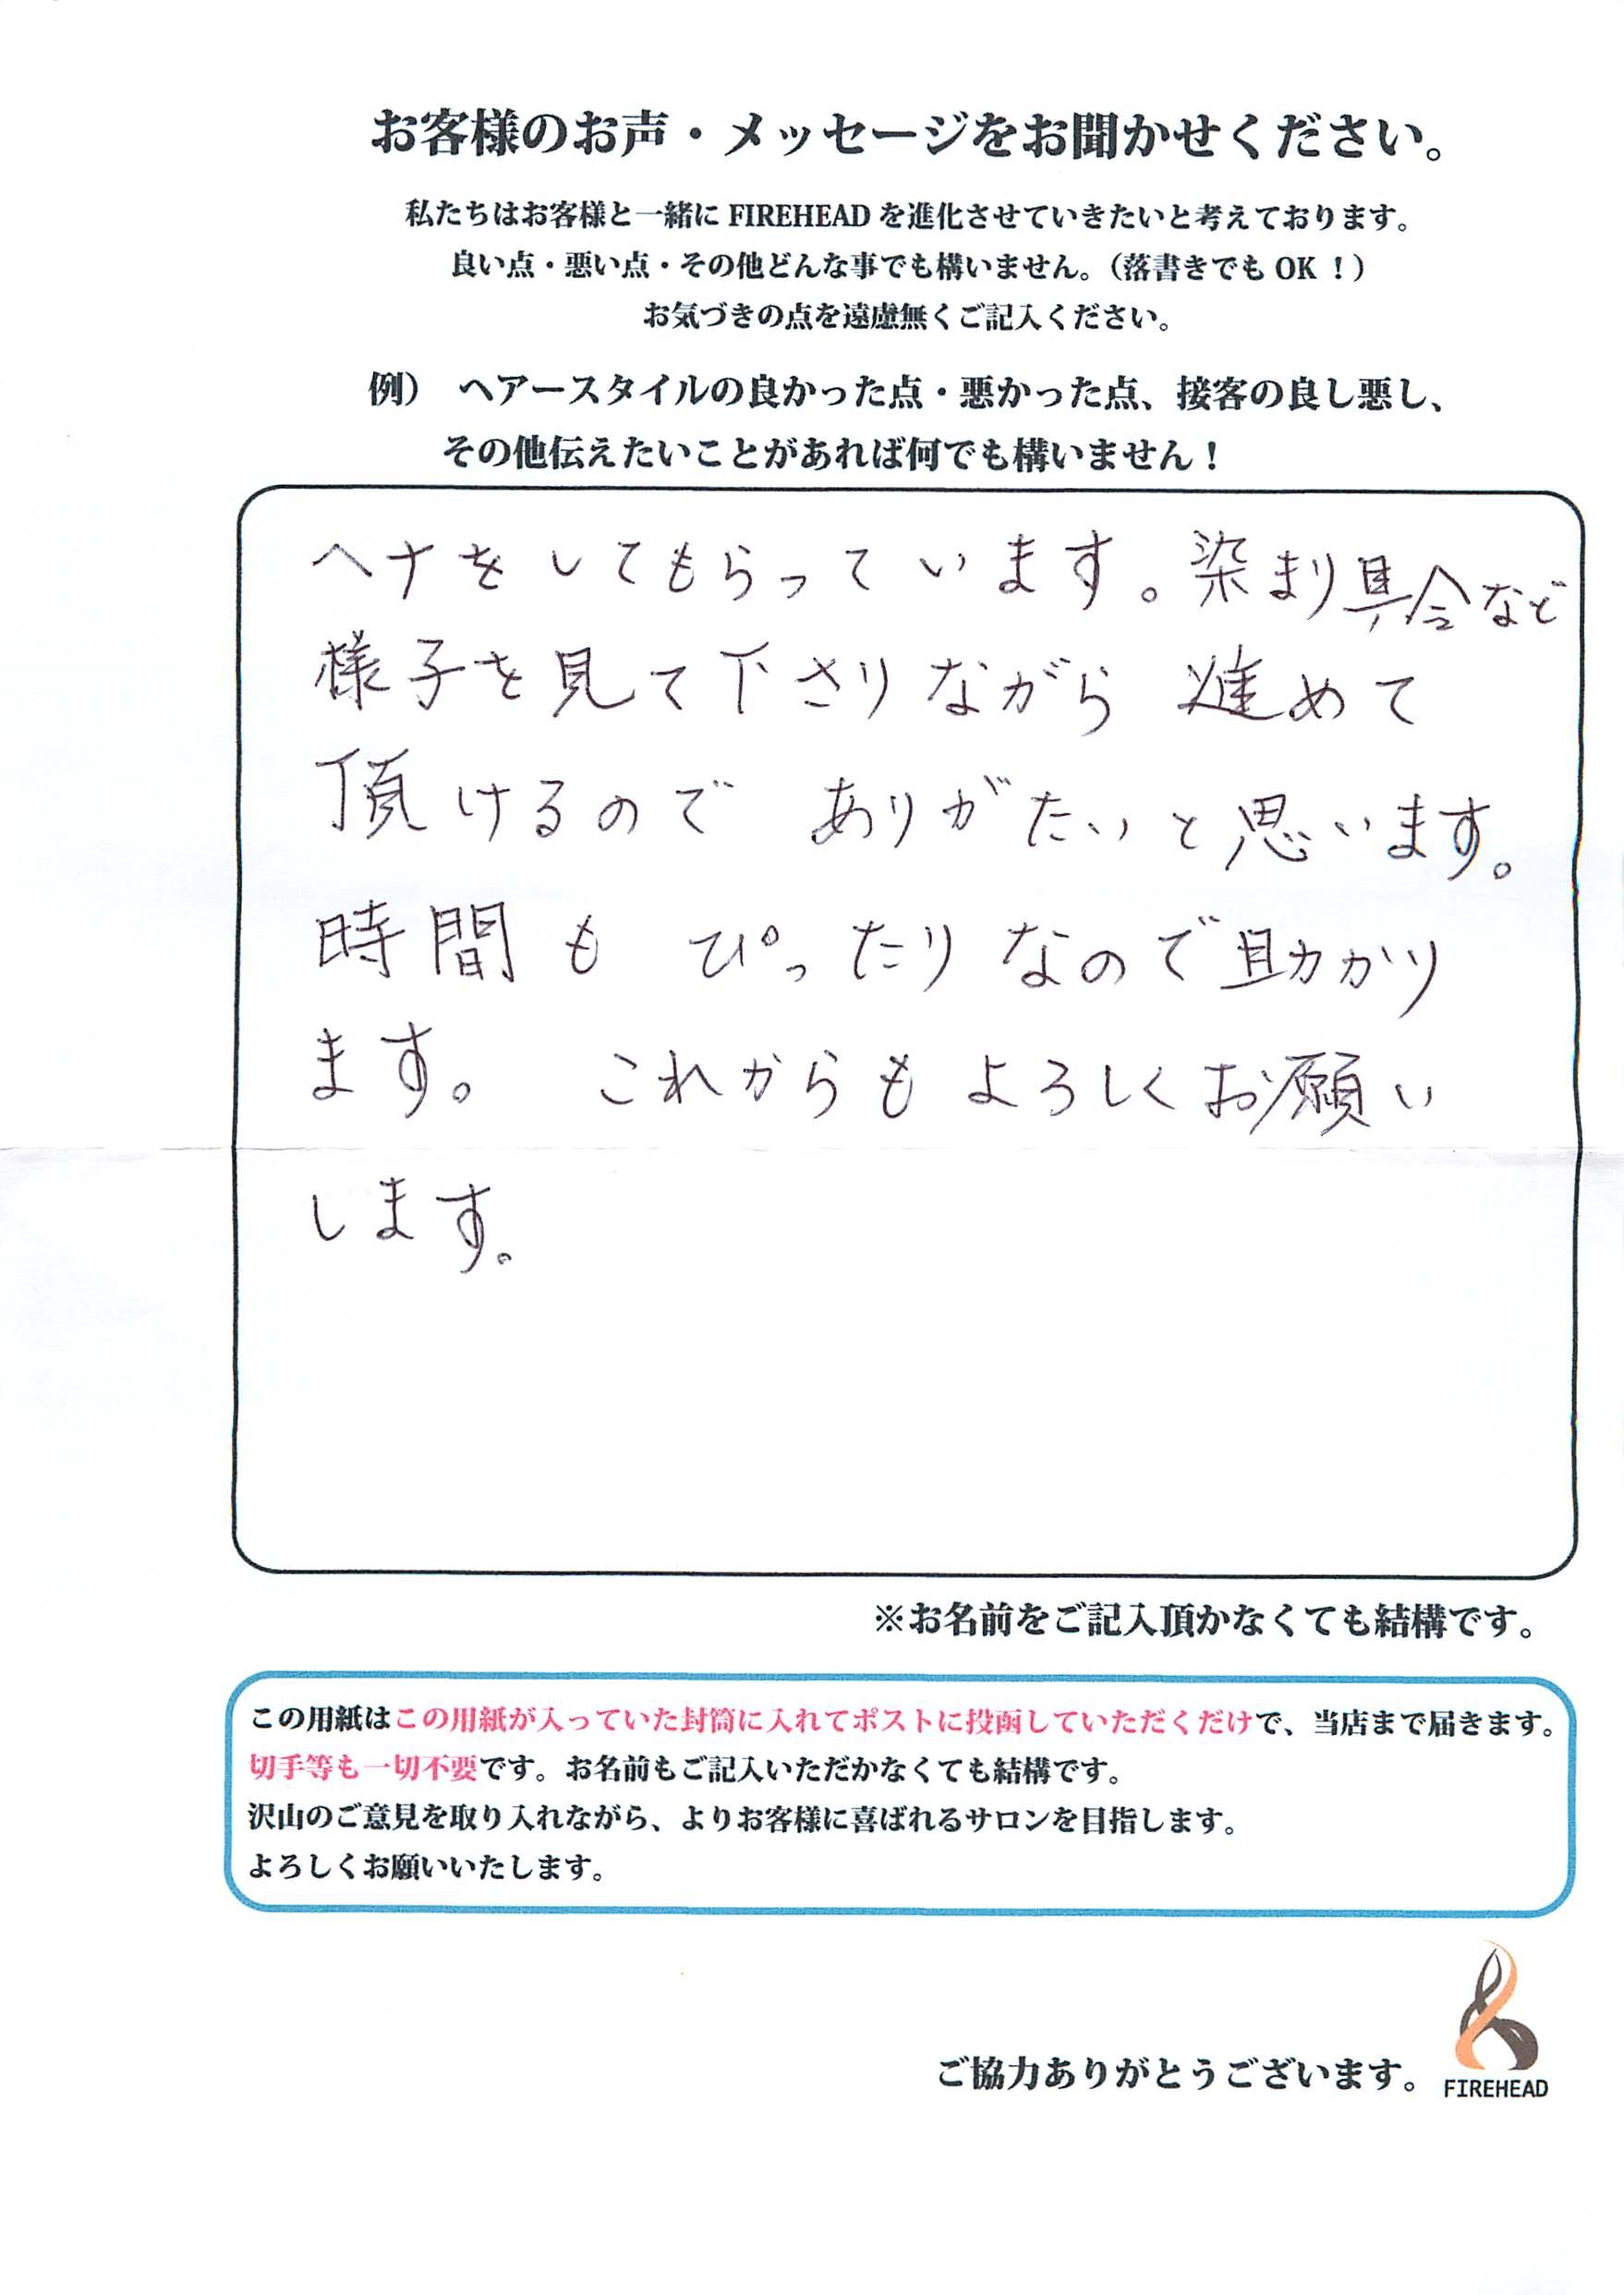 沖縄 美容院 美容室 ファイヤーヘッド 宜野湾 クチコミ レビュー